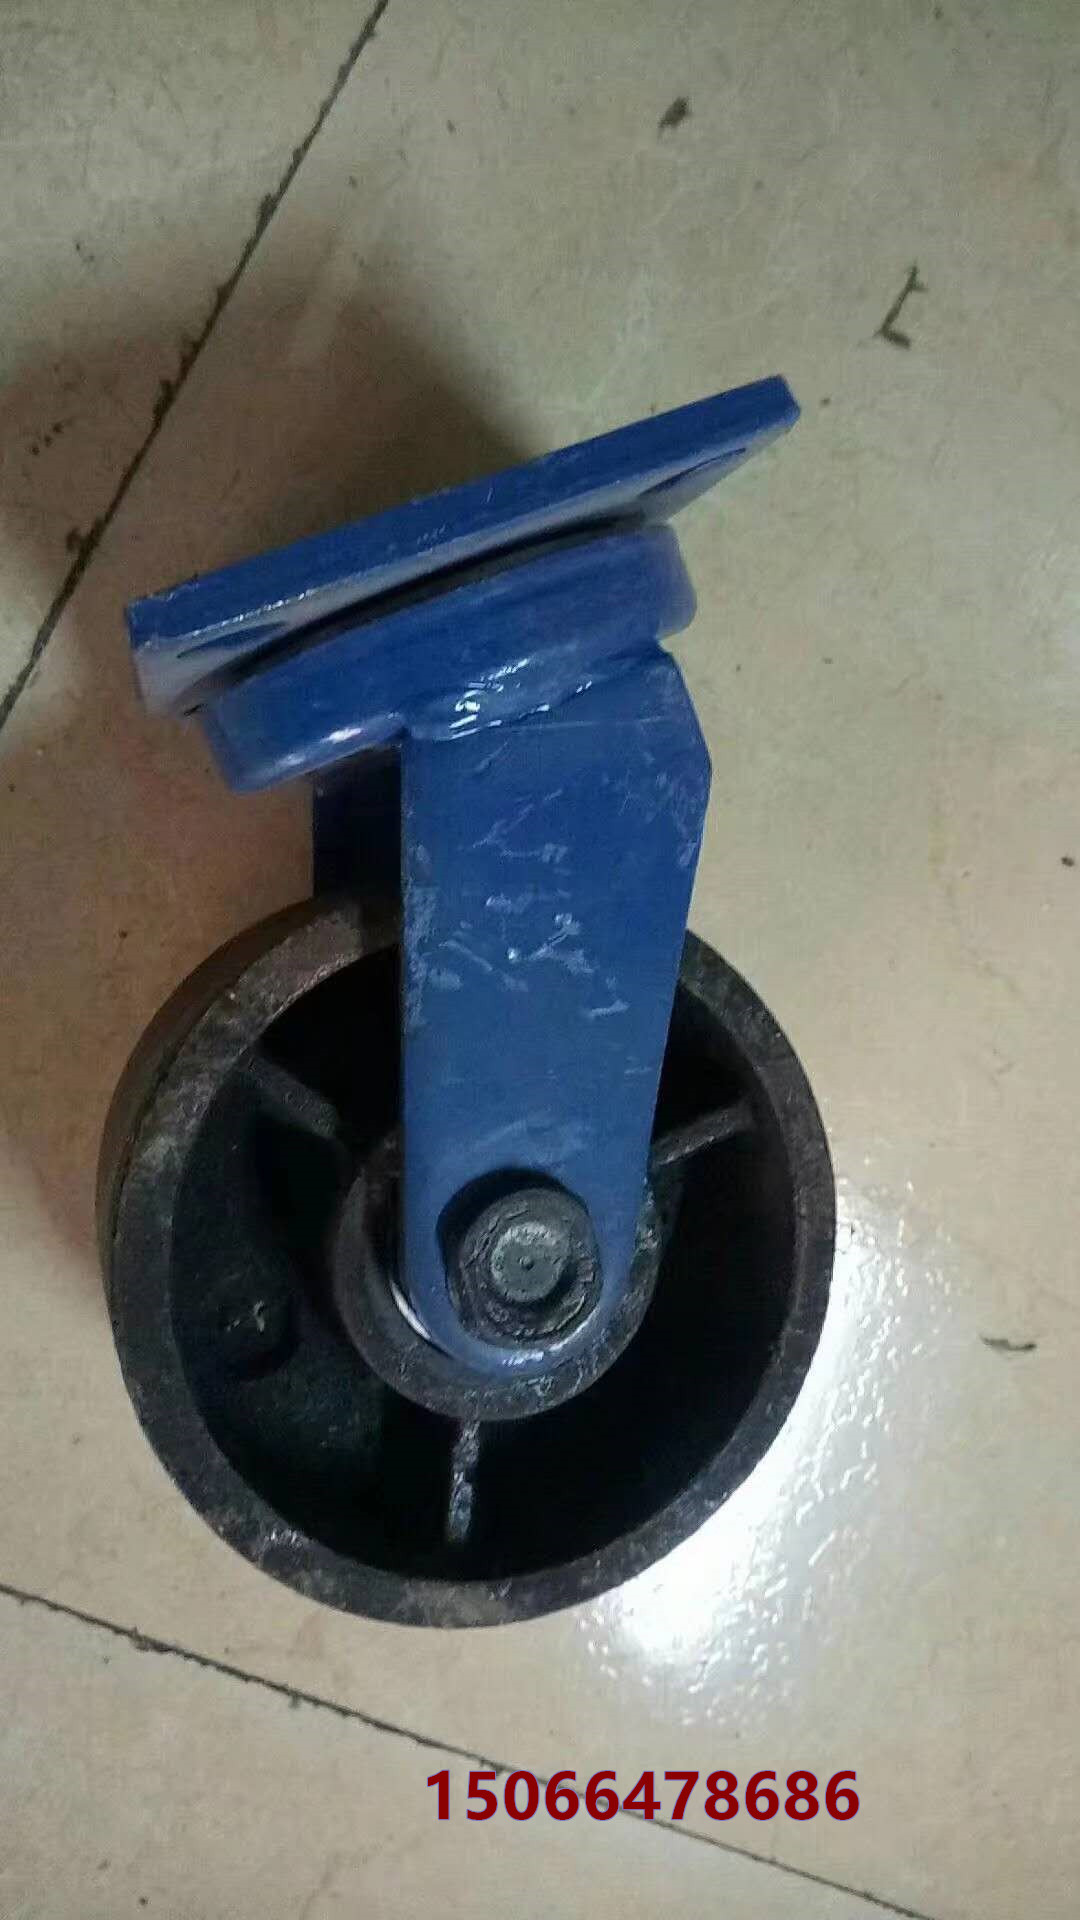 西 藏自治林芝重型白尼龙转向脚轮 焊接重型脚轮「批发更省心」